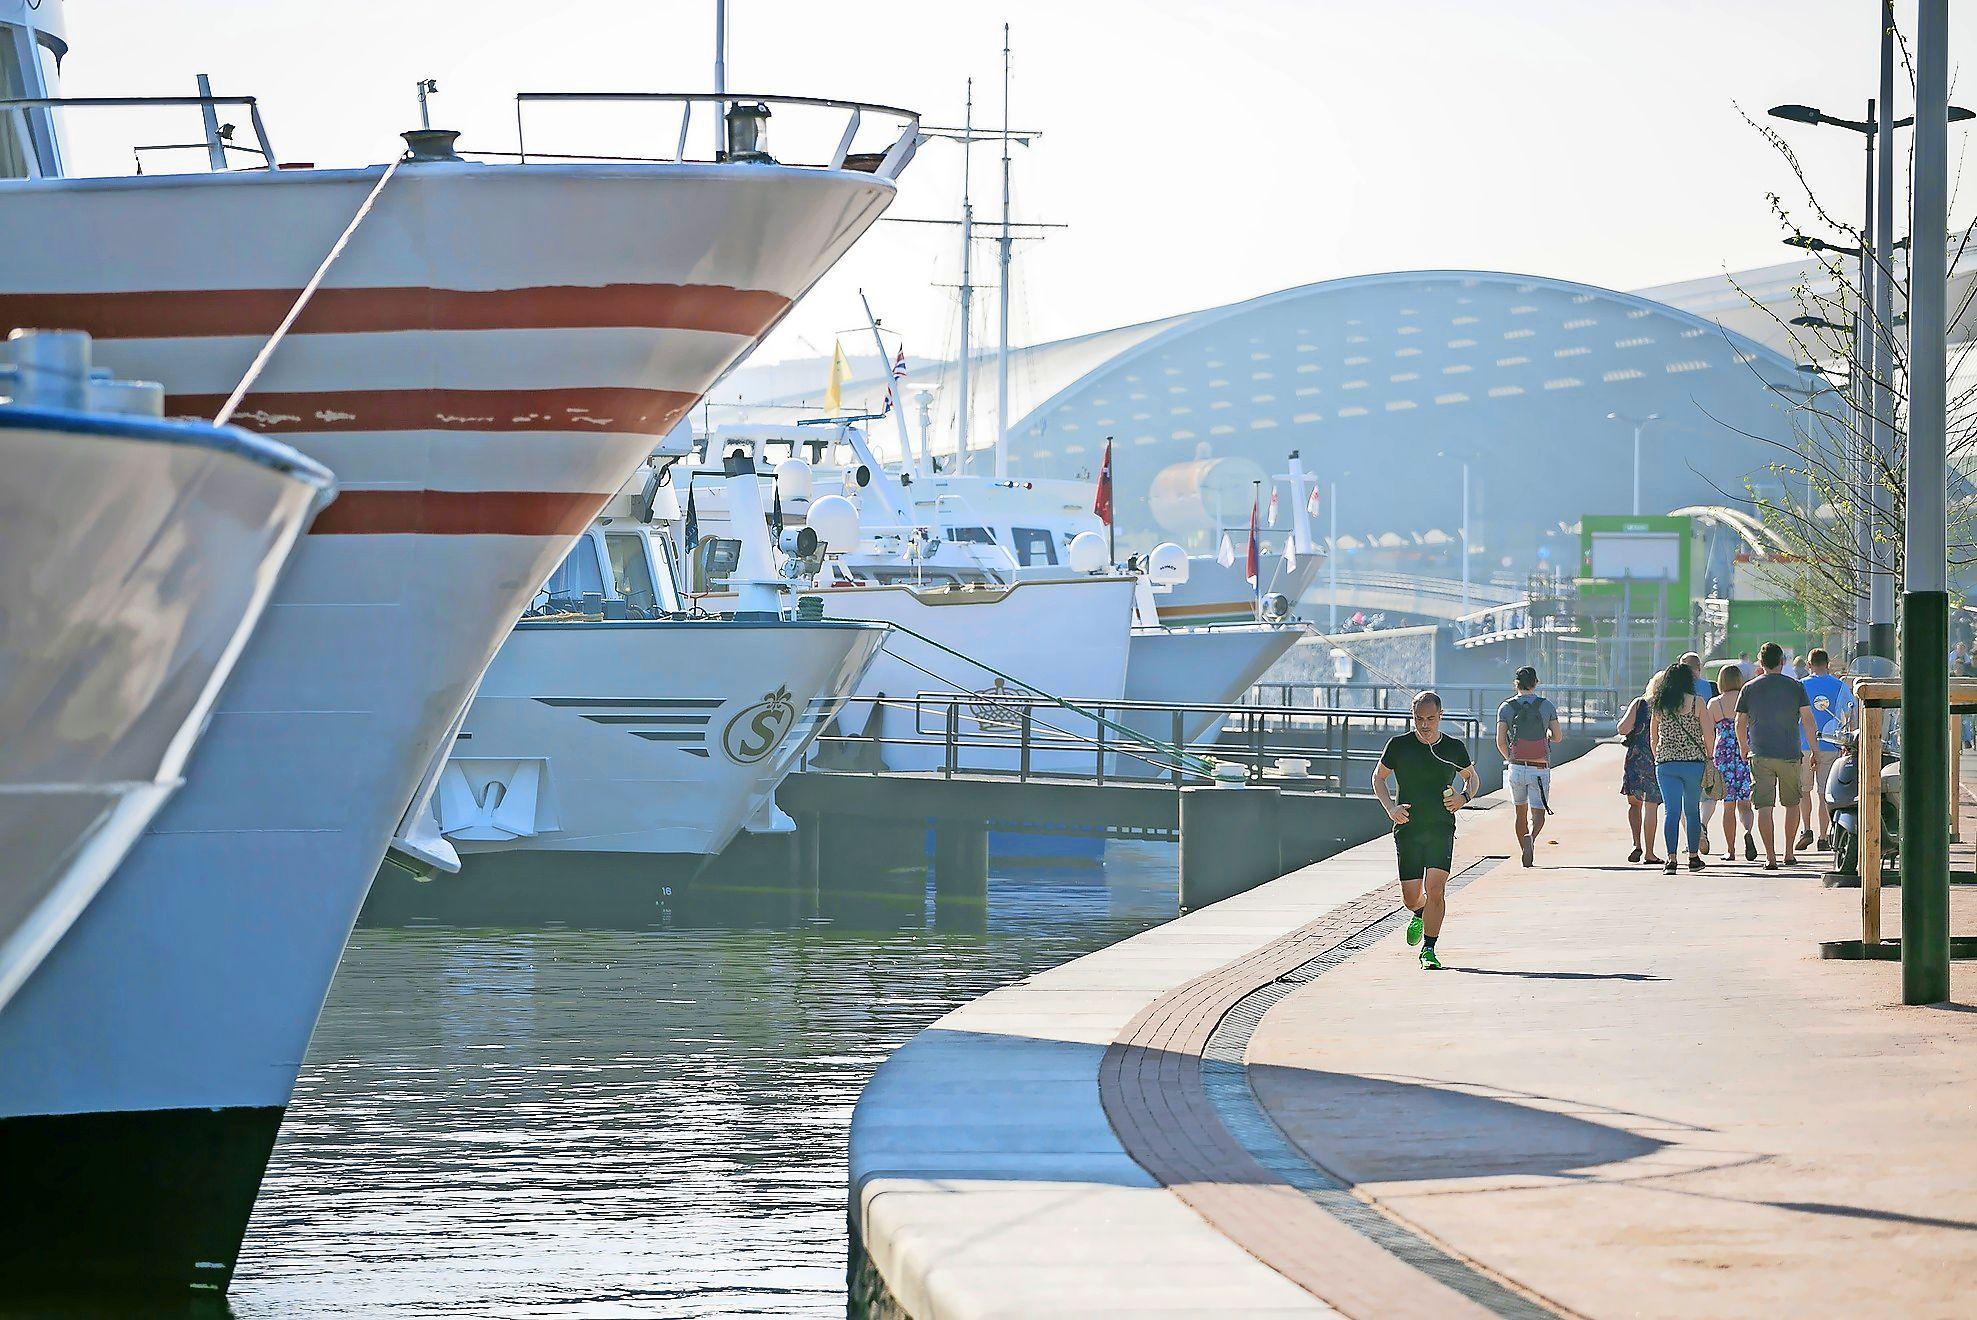 Werk genoeg in de havens van het Noordzeekanaalgebied, maar weten de jongeren dat?